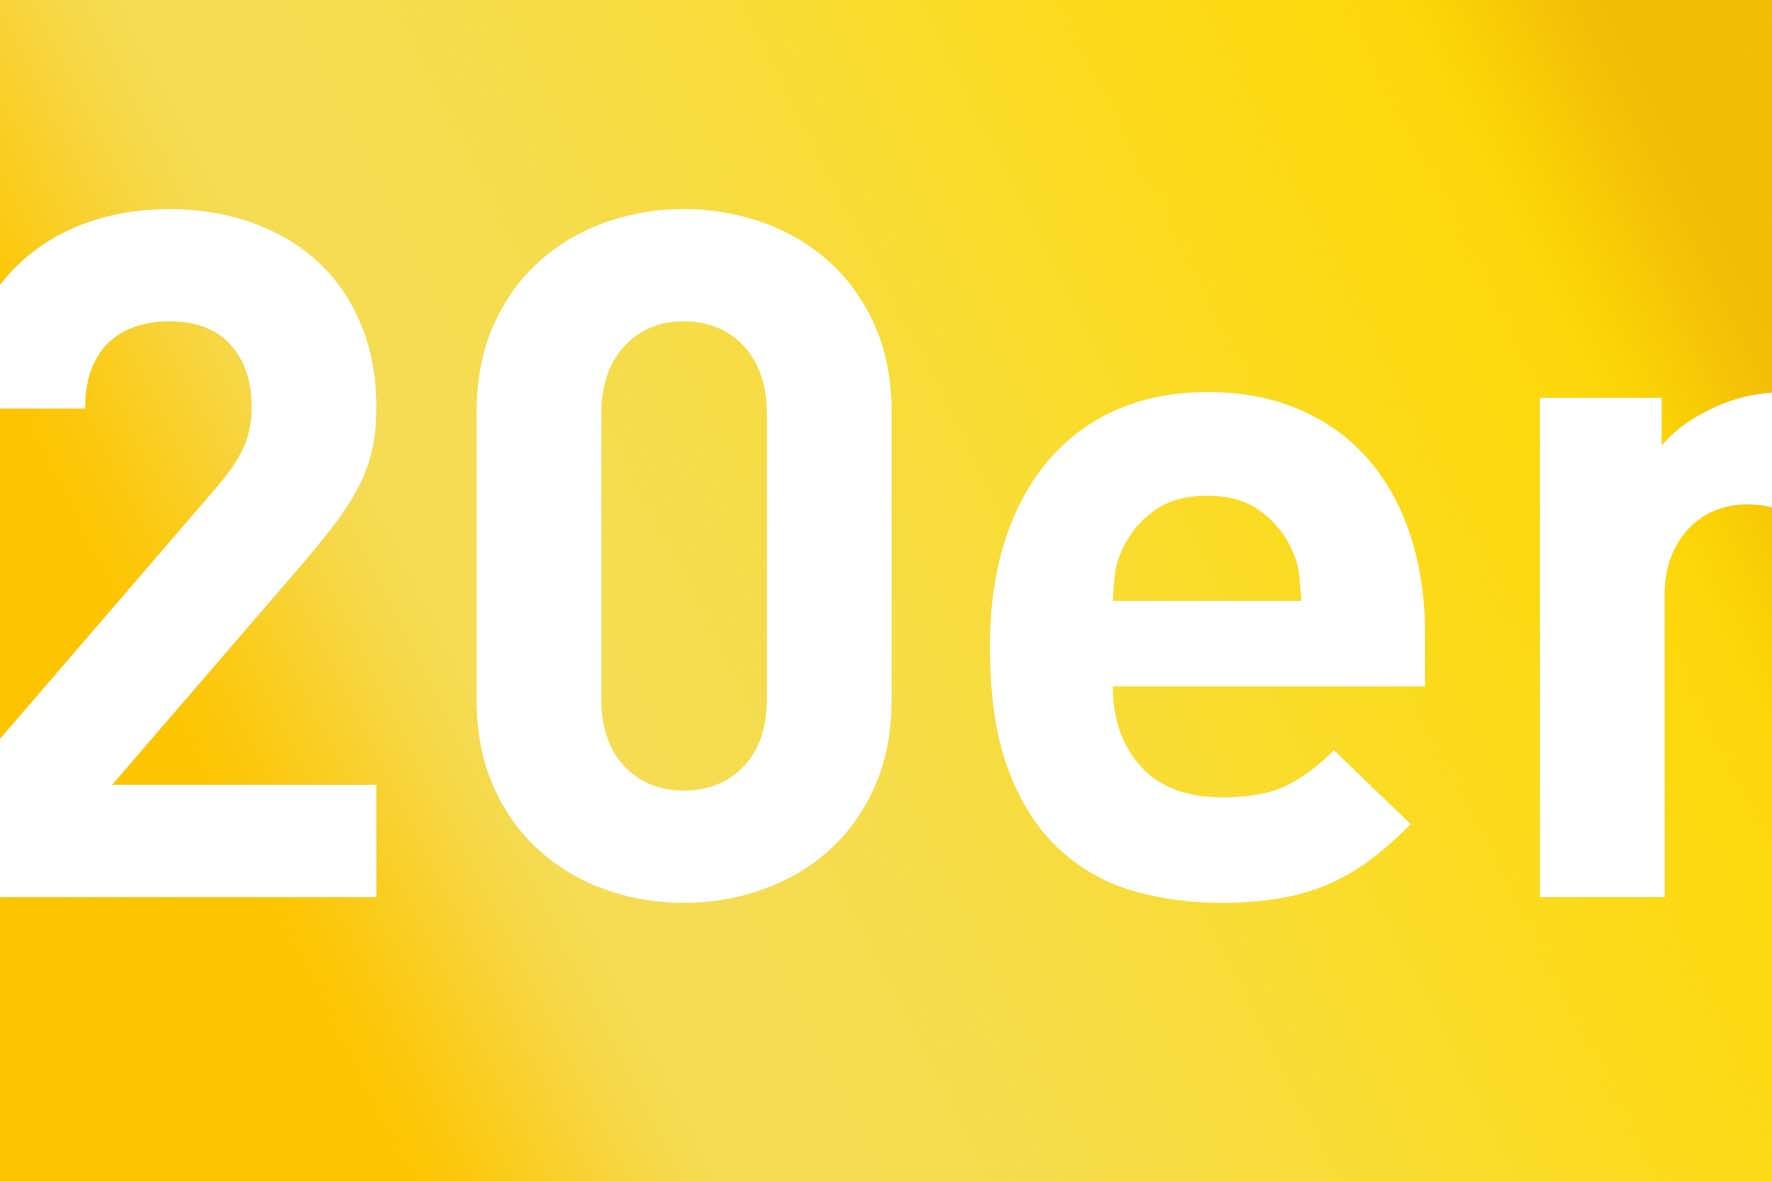 Wir wünschen allen Menschen auf der Welt goldene 20er Jahre!